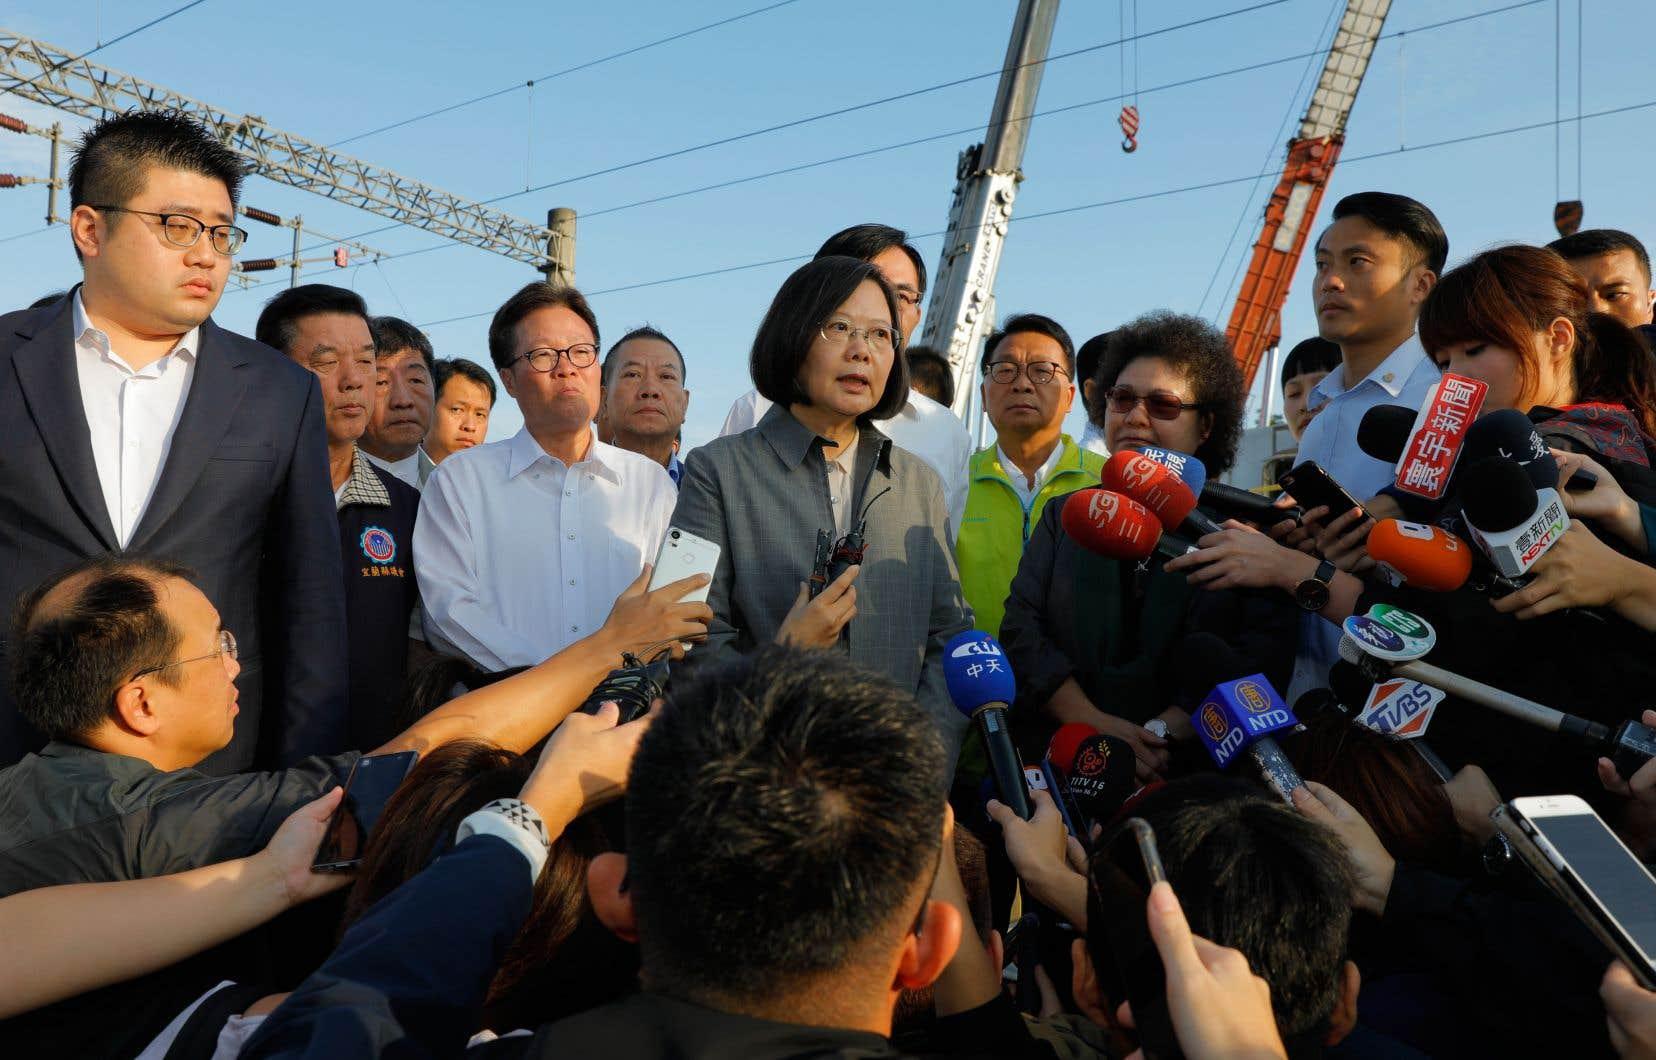 La présidente de Taïwan, Tsai Ing-wen, tentera de se faire réélire à la tête du pays en janvier prochain.